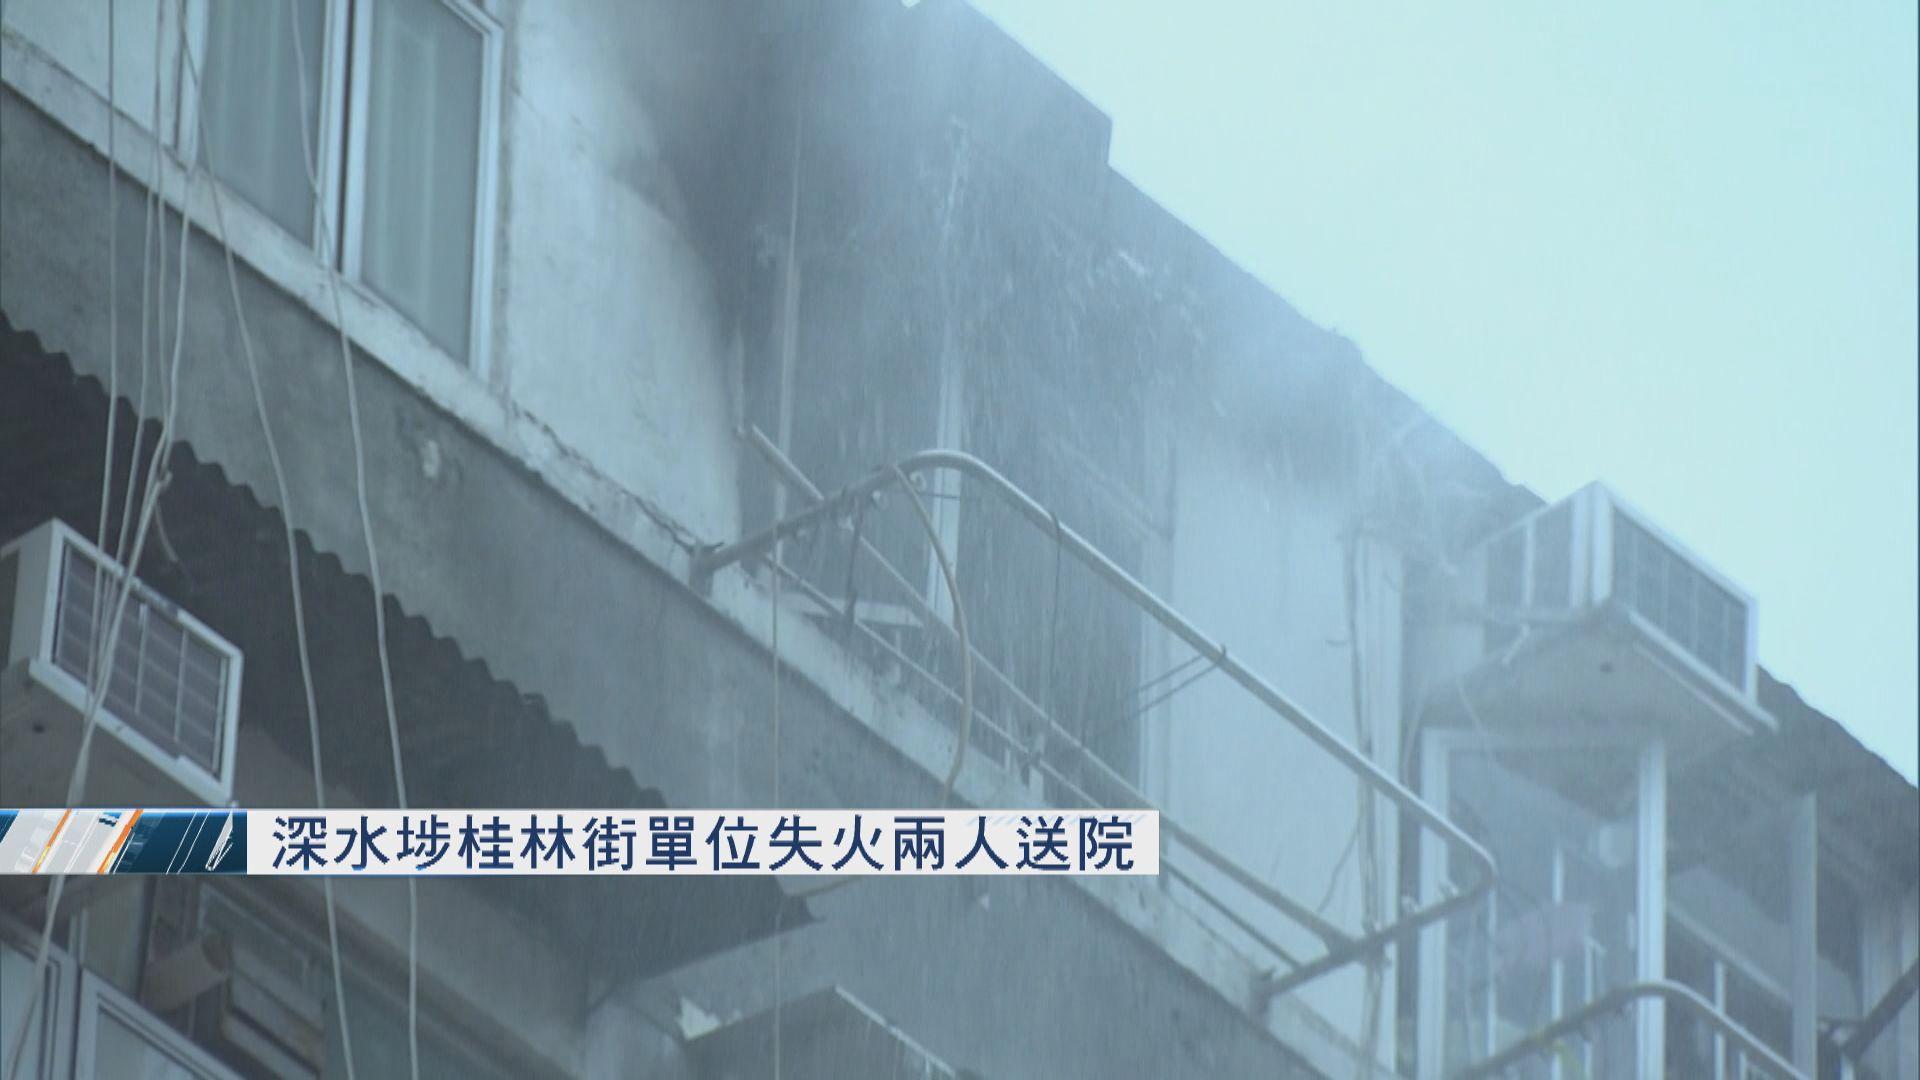 深水埗桂林街單位失火兩人送院